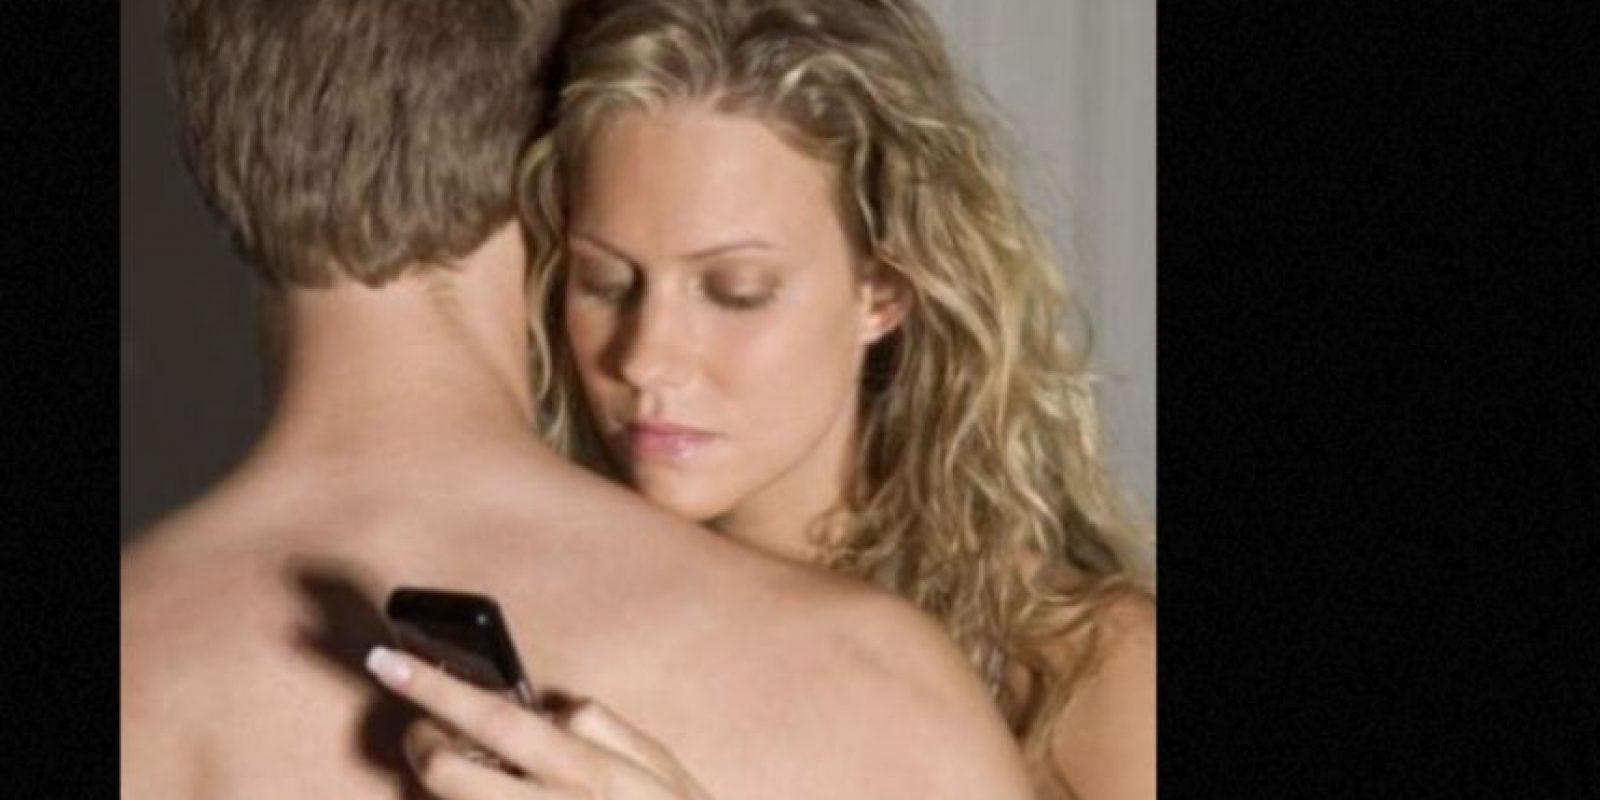 """Una encuesta realizada el año pasado por el sitio de citas """"Ashley Madison"""" dio a conocer que las mujeres infieles toman mucho en cuenta el atractivo físico y sexual de sus amantes. Foto:Pixabay"""